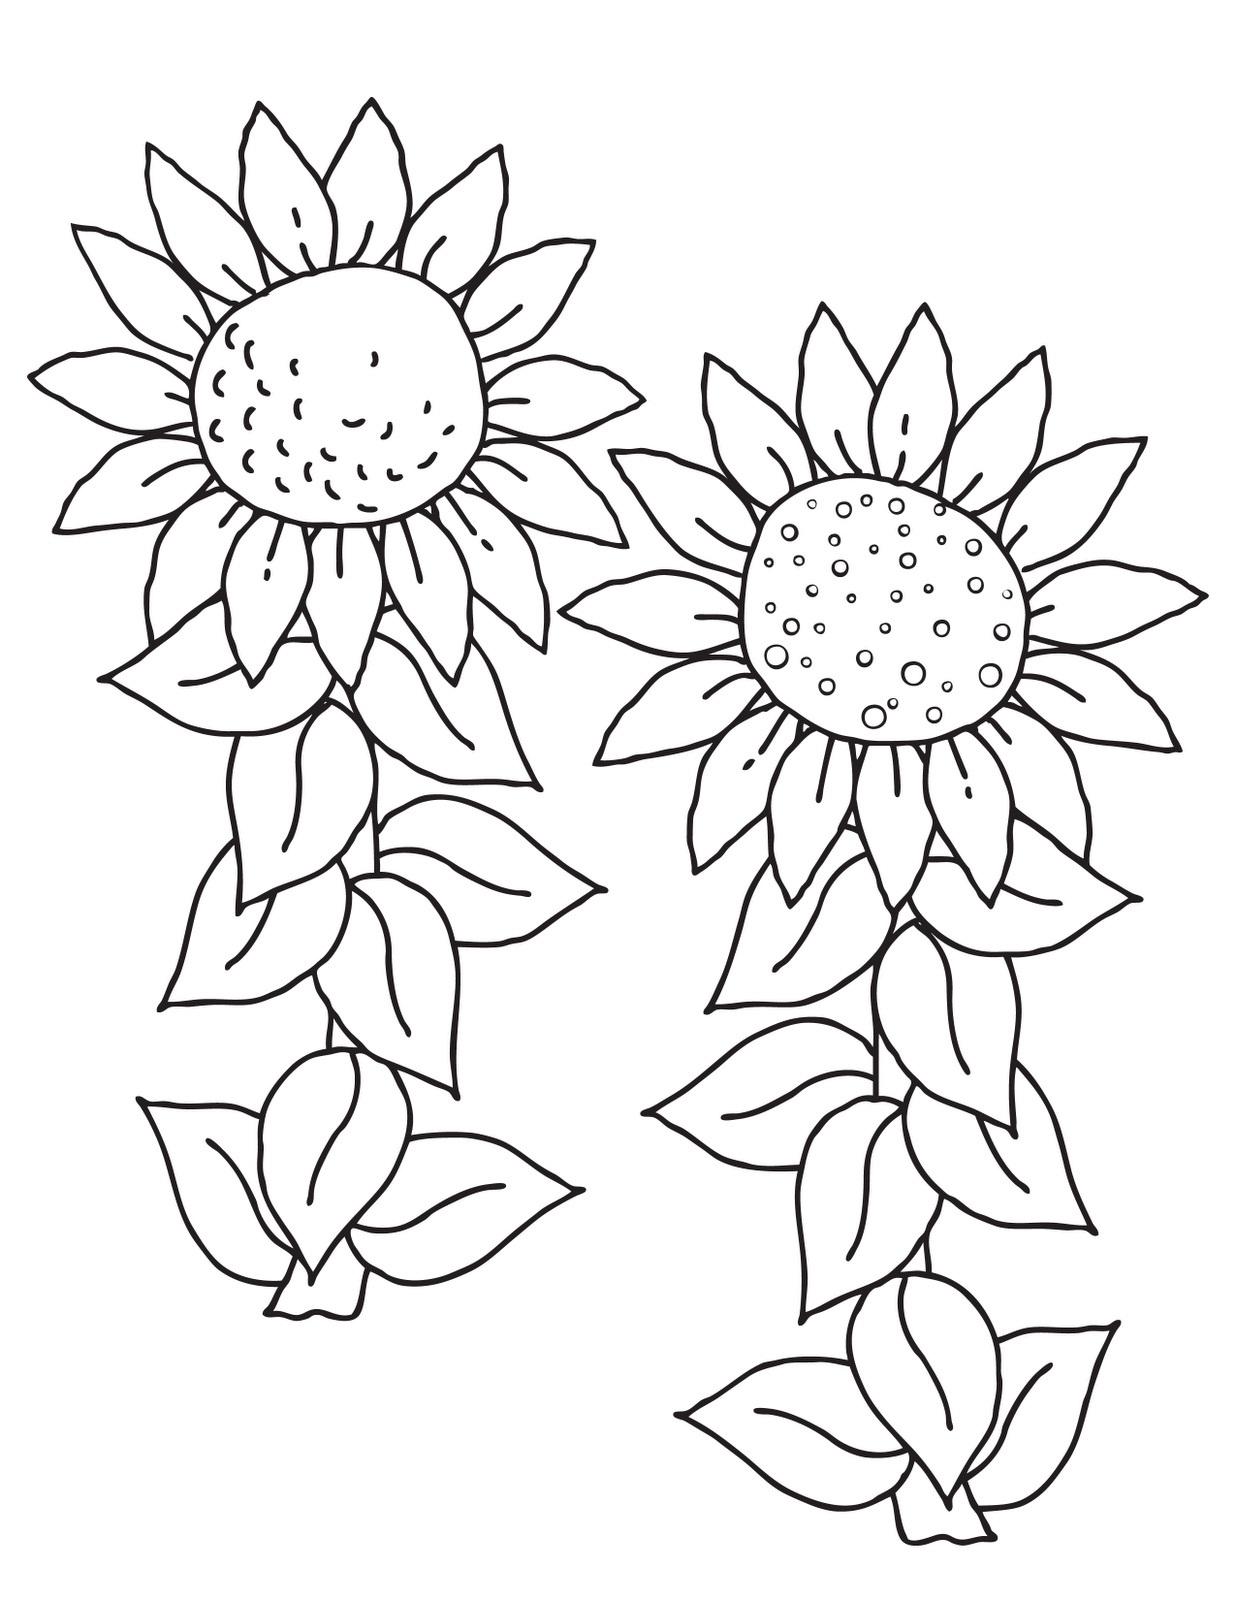 Worksheet Flower Pattern Color